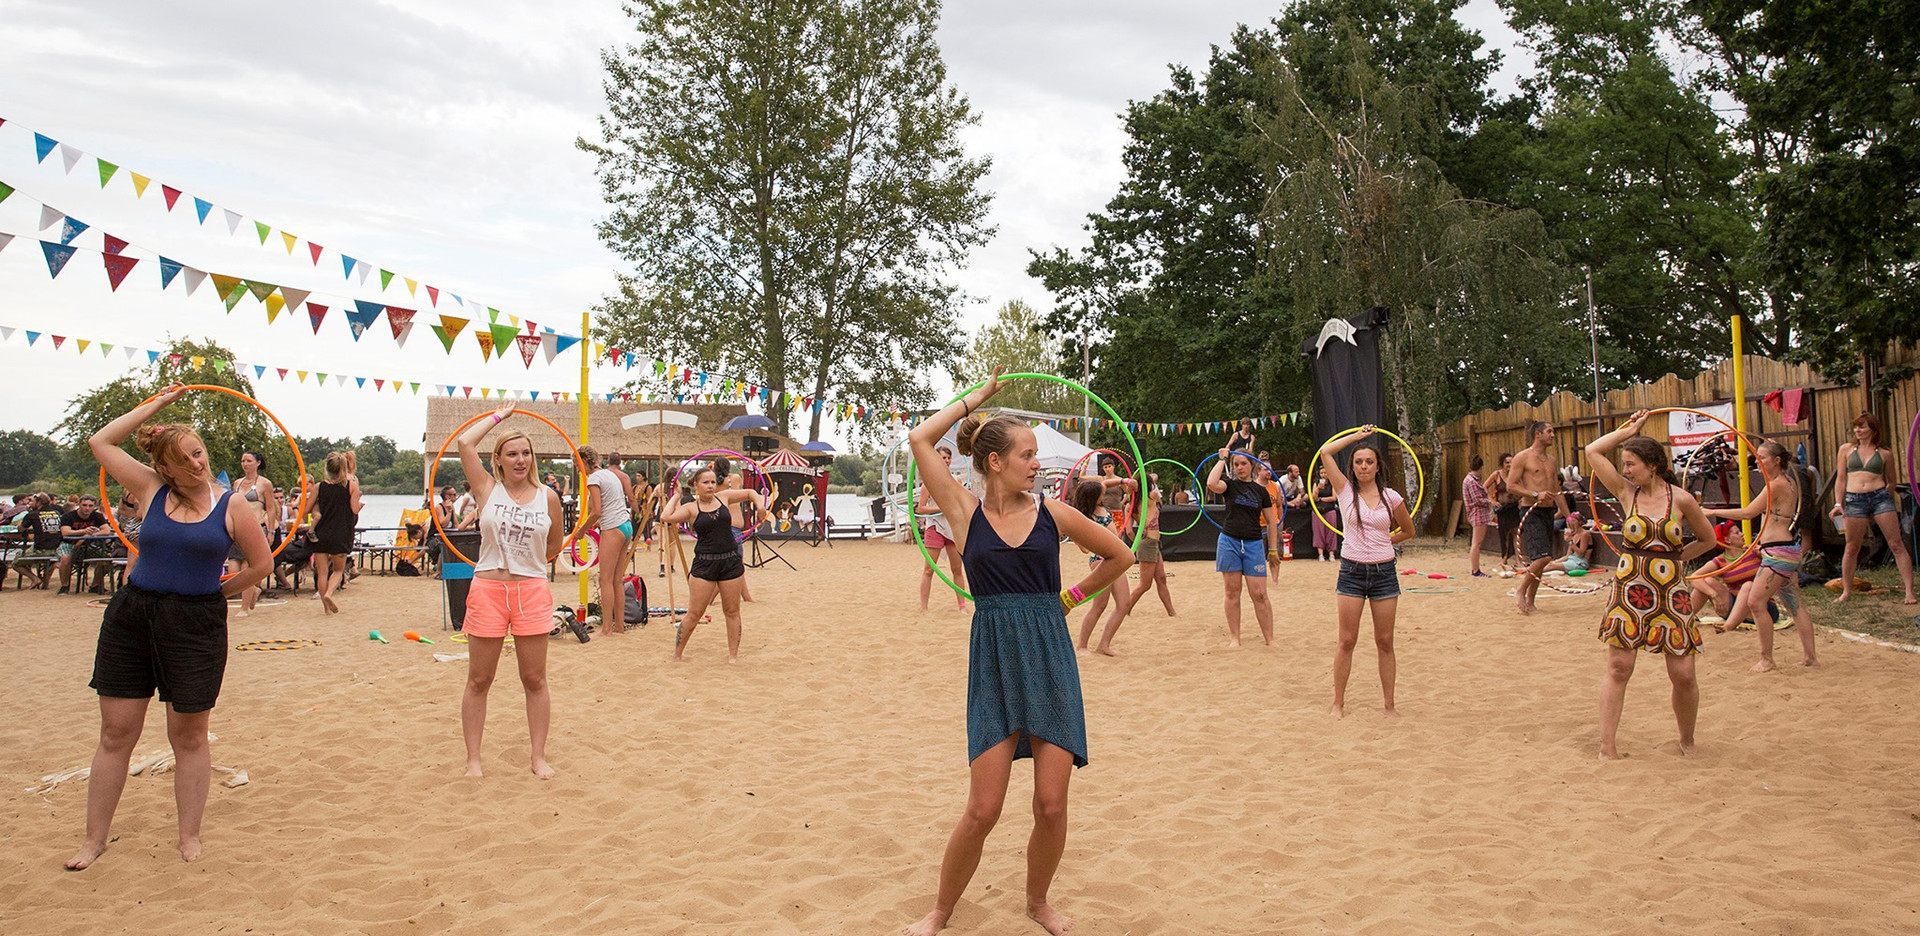 Circus culture fest